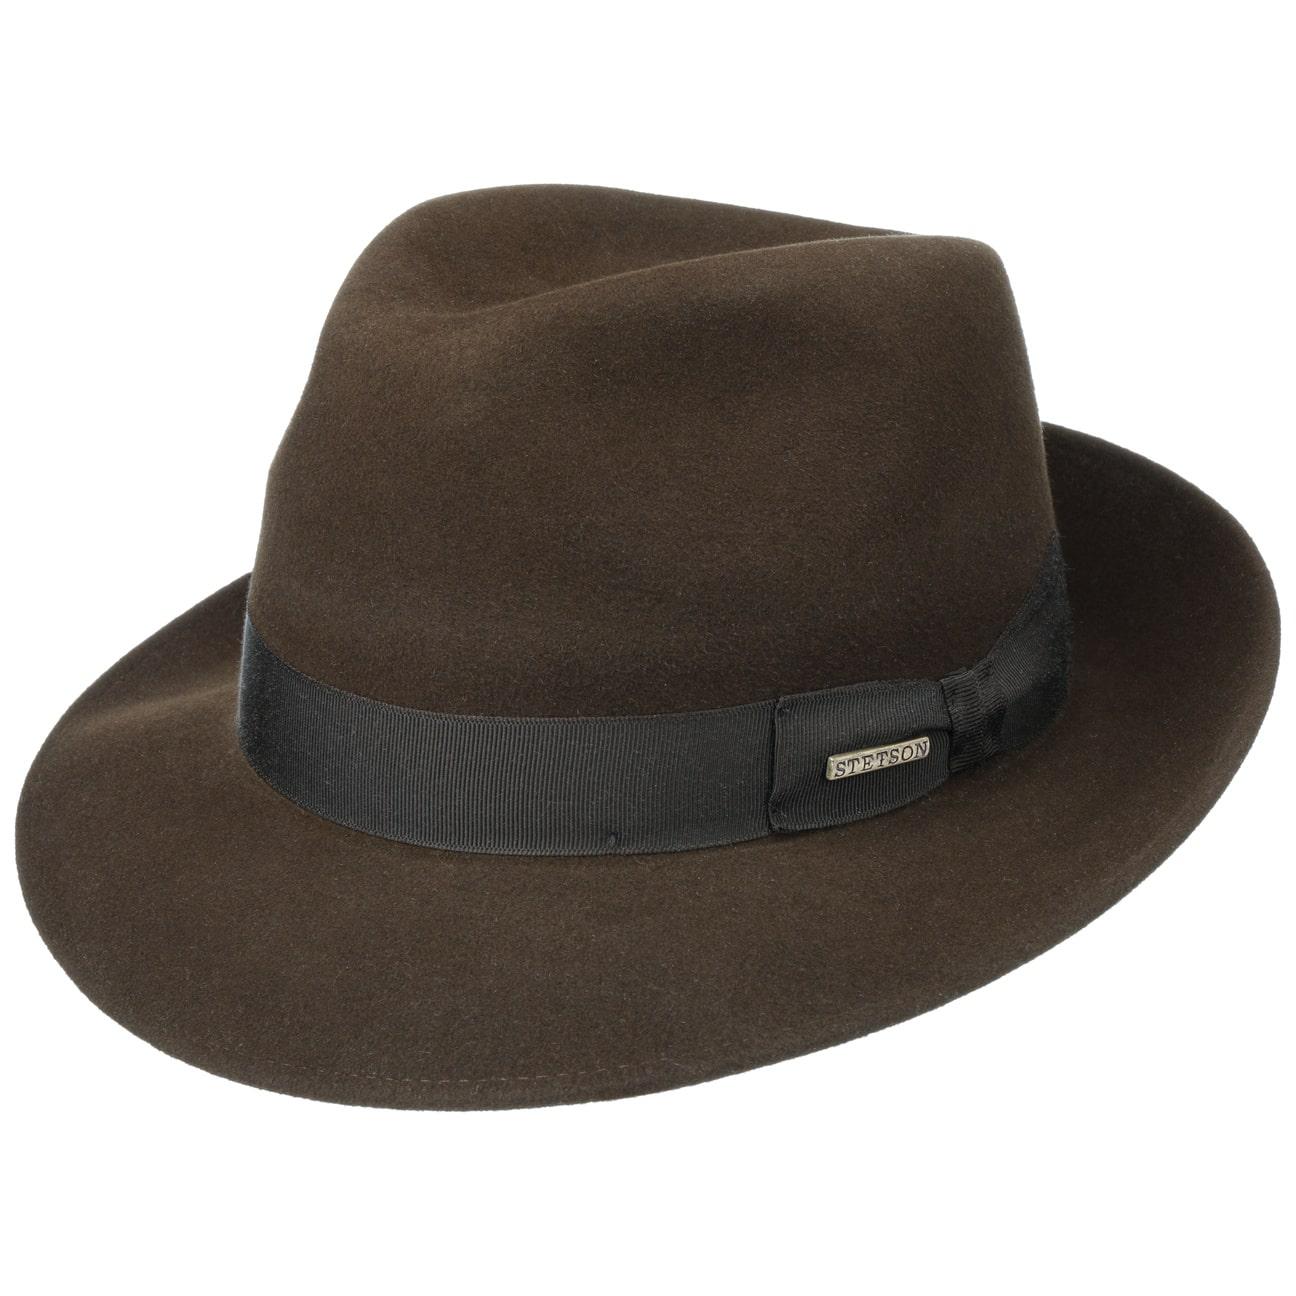 Bogart Fieltro de Pelo Rossford by Stetson  sombrero de fieltro